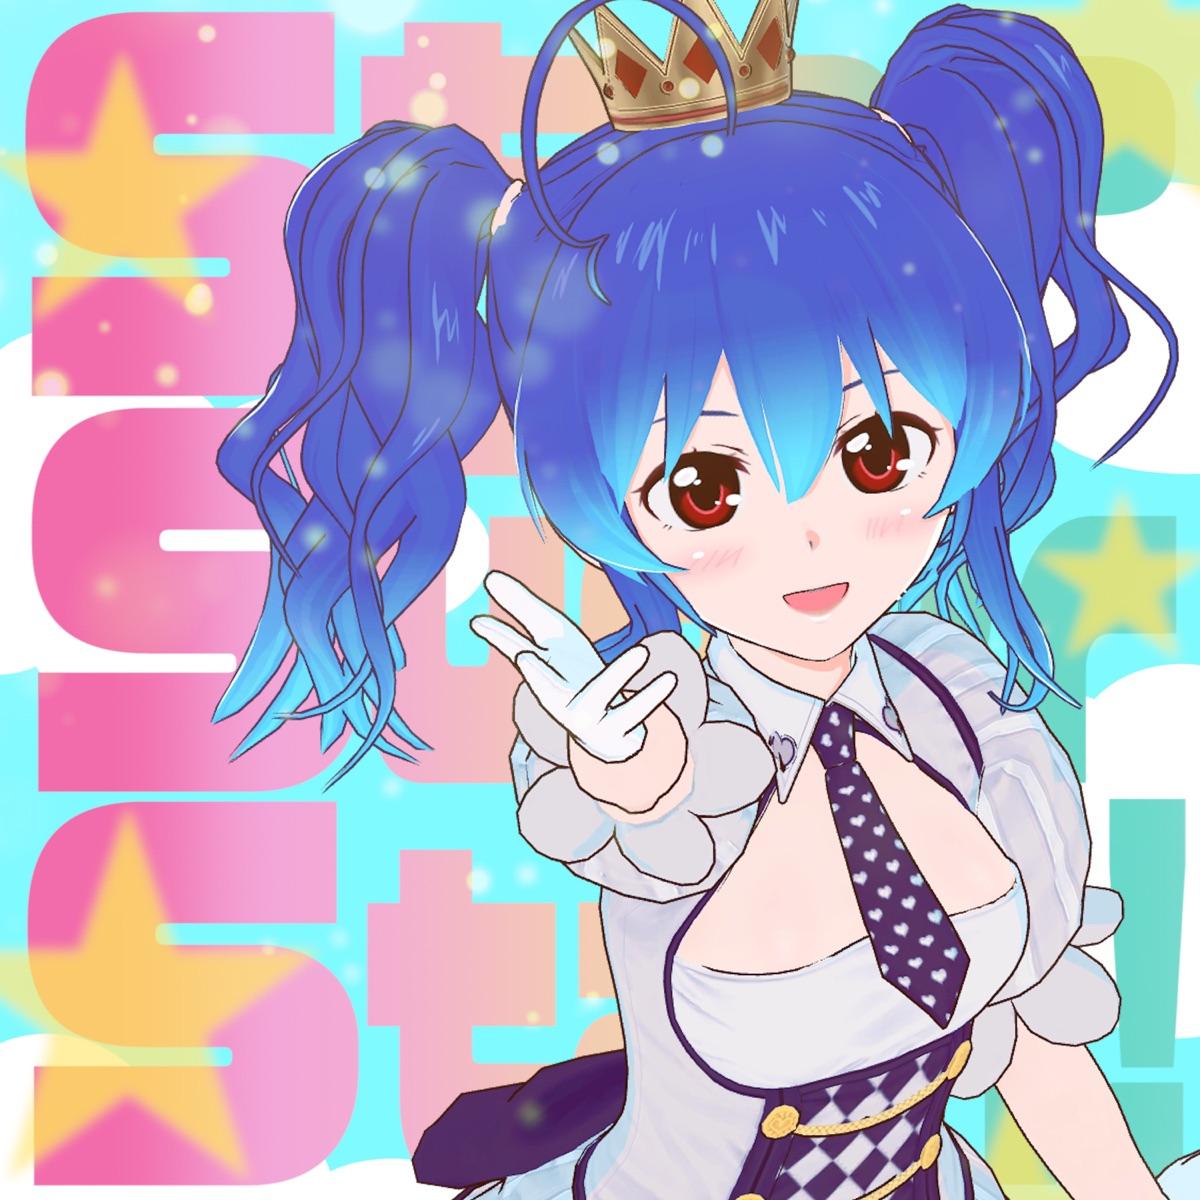 『星乃めあStep up Super Star!!』収録の『Step up Super Star!!』ジャケット